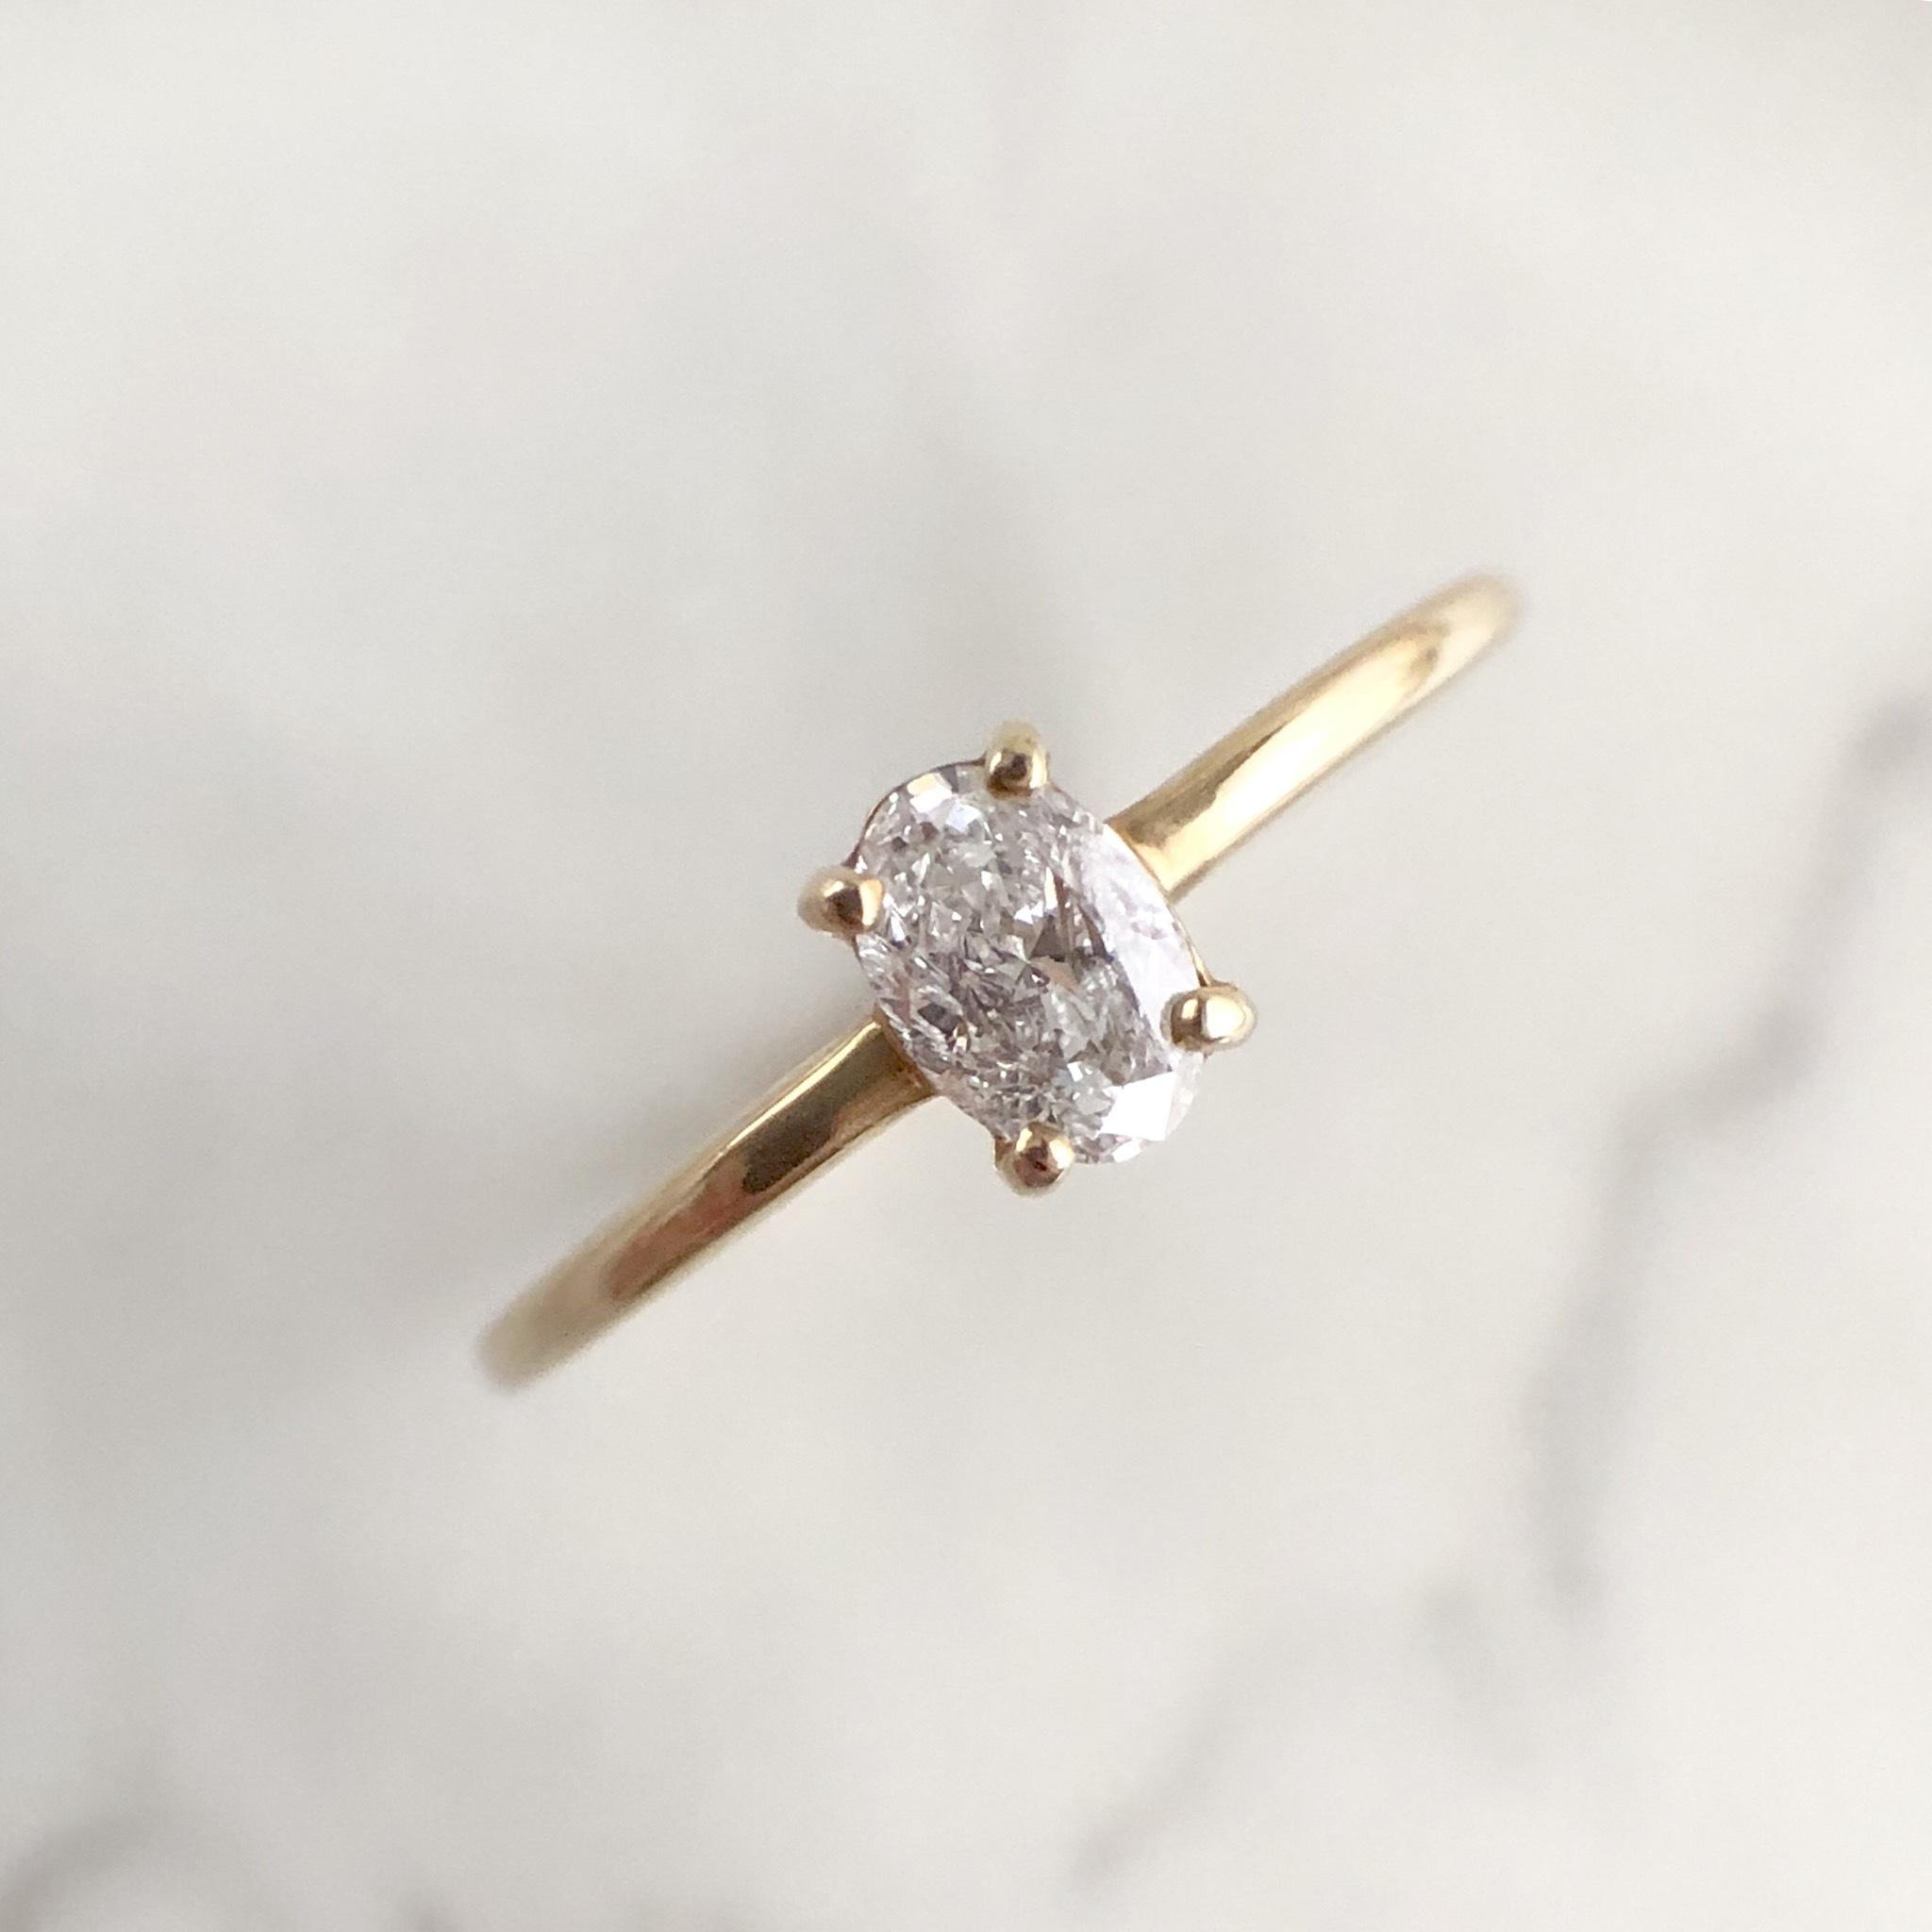 オーバルカット ダイヤモンド リング 0.20ct  K18イエローゴールド チェカ 鑑別書付